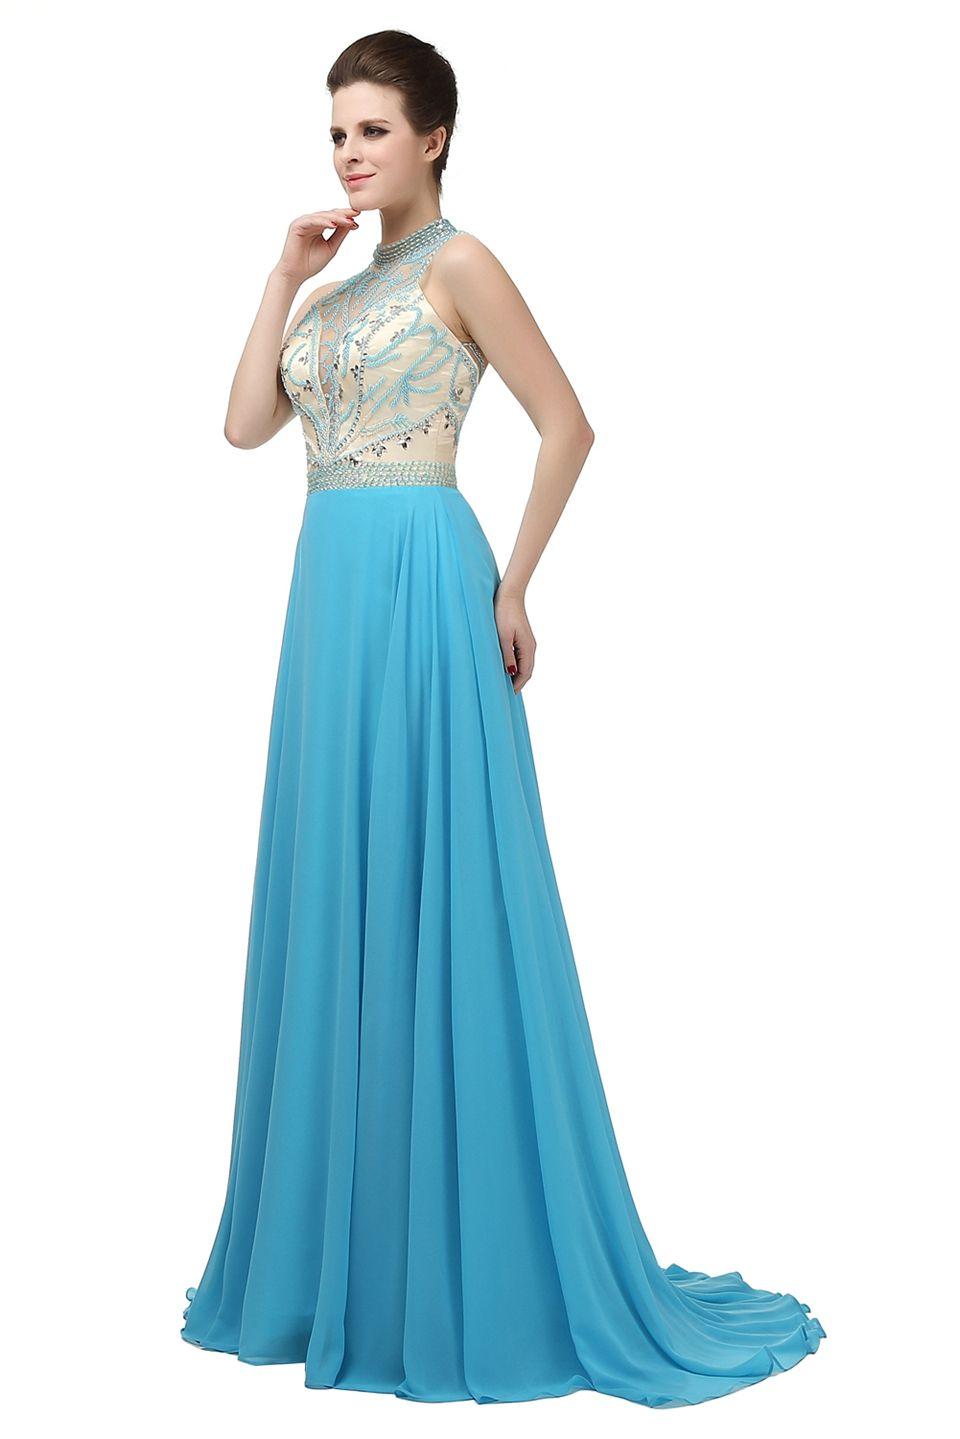 7c36ade63 ... Vestido de noche azul marino con trenzado largo Vestido de noche formal  de tul cristalino largo